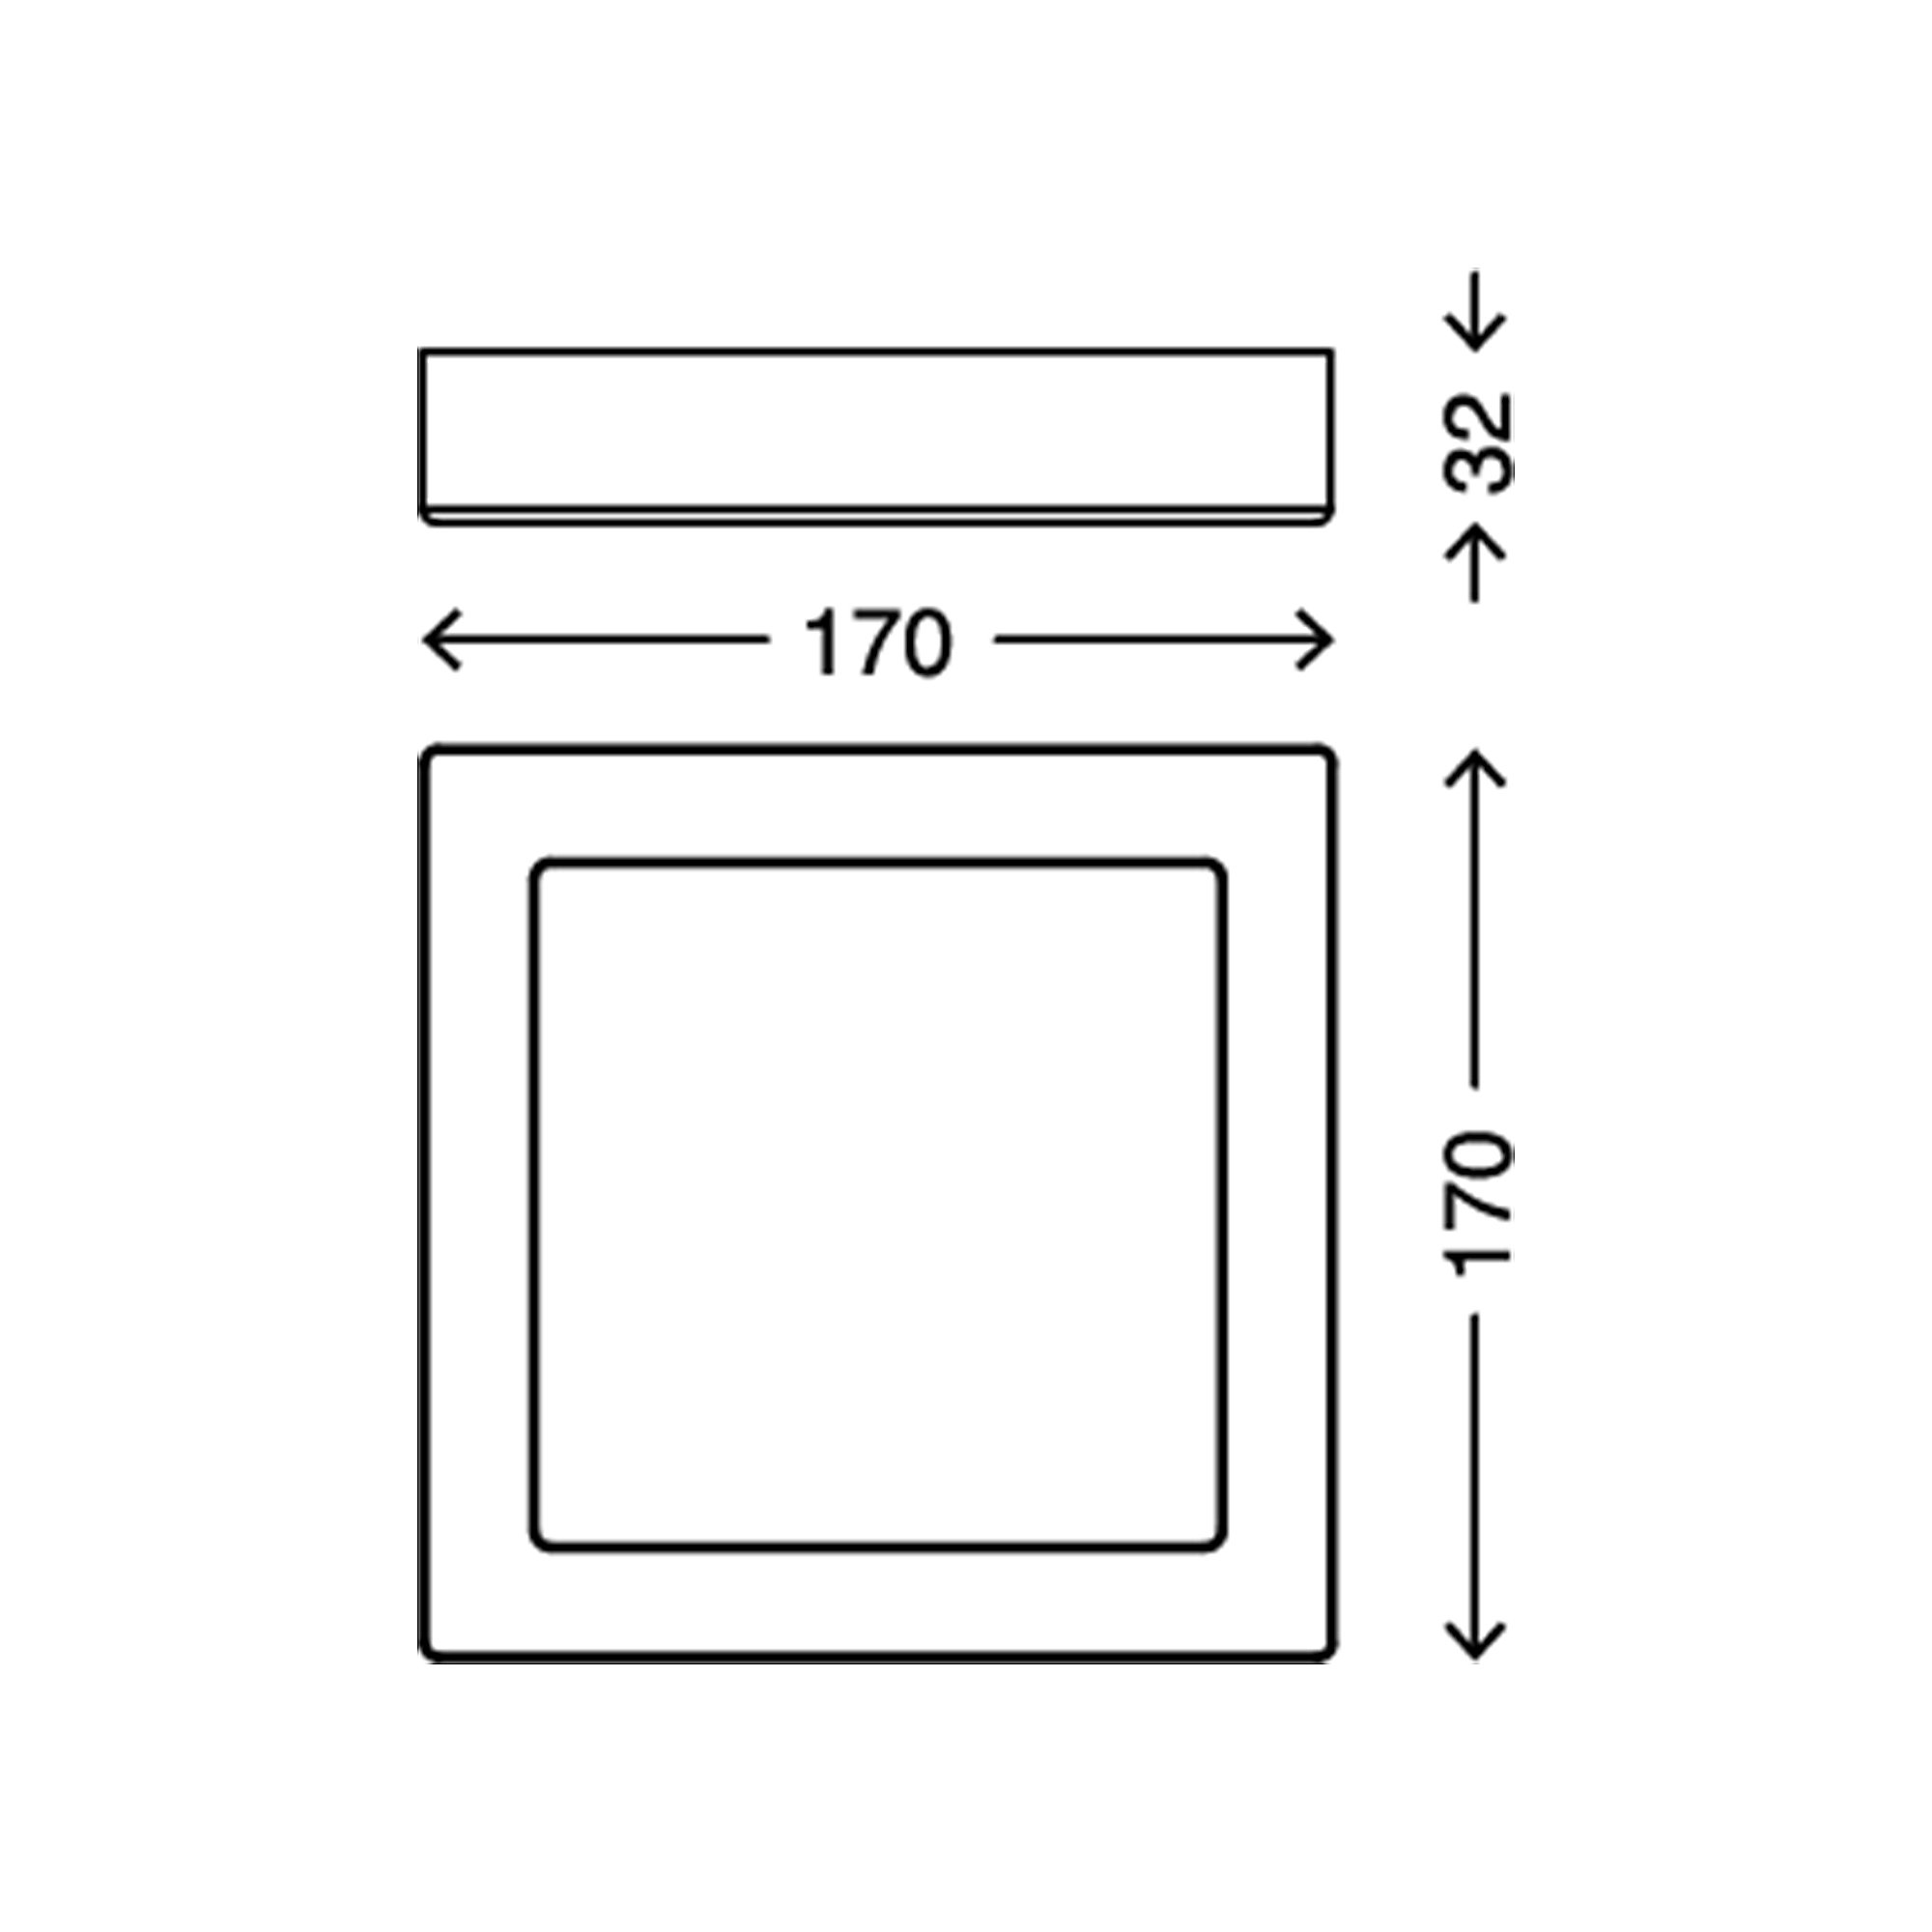 LED Deckenleuchte, 17 cm, 12 W, Weiß